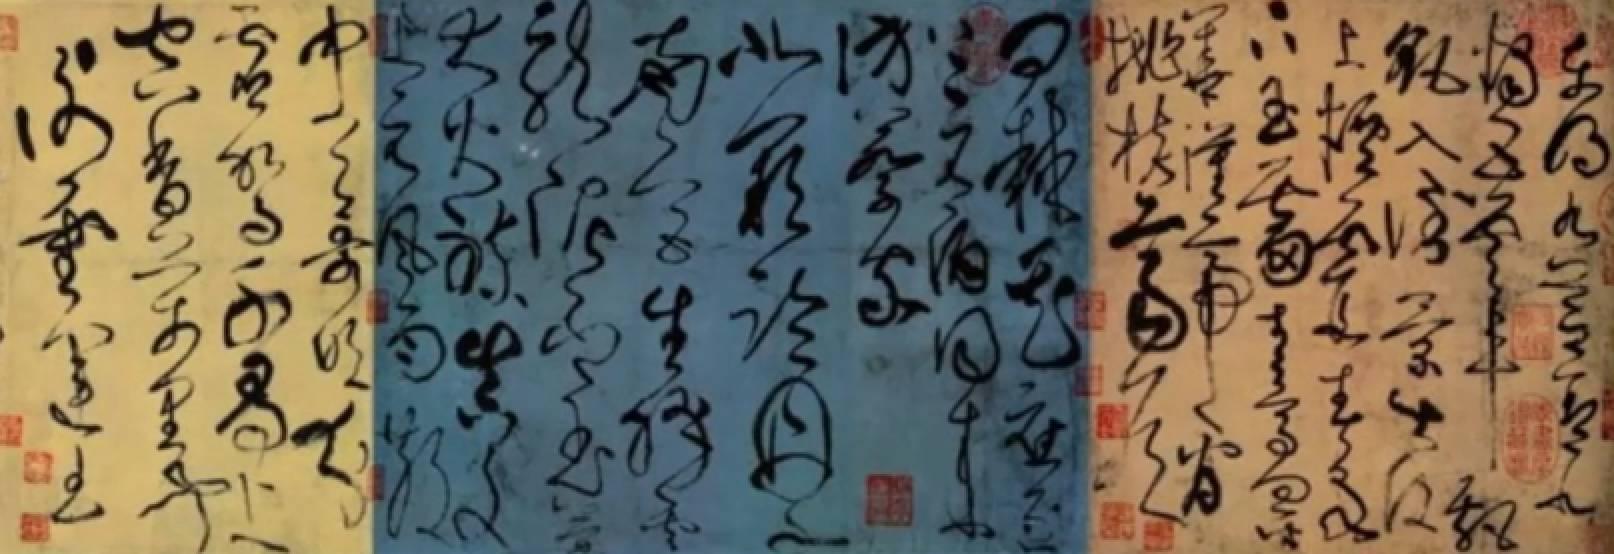 狂草嫩b_如传为张旭的狂草作品《古诗四帖》.